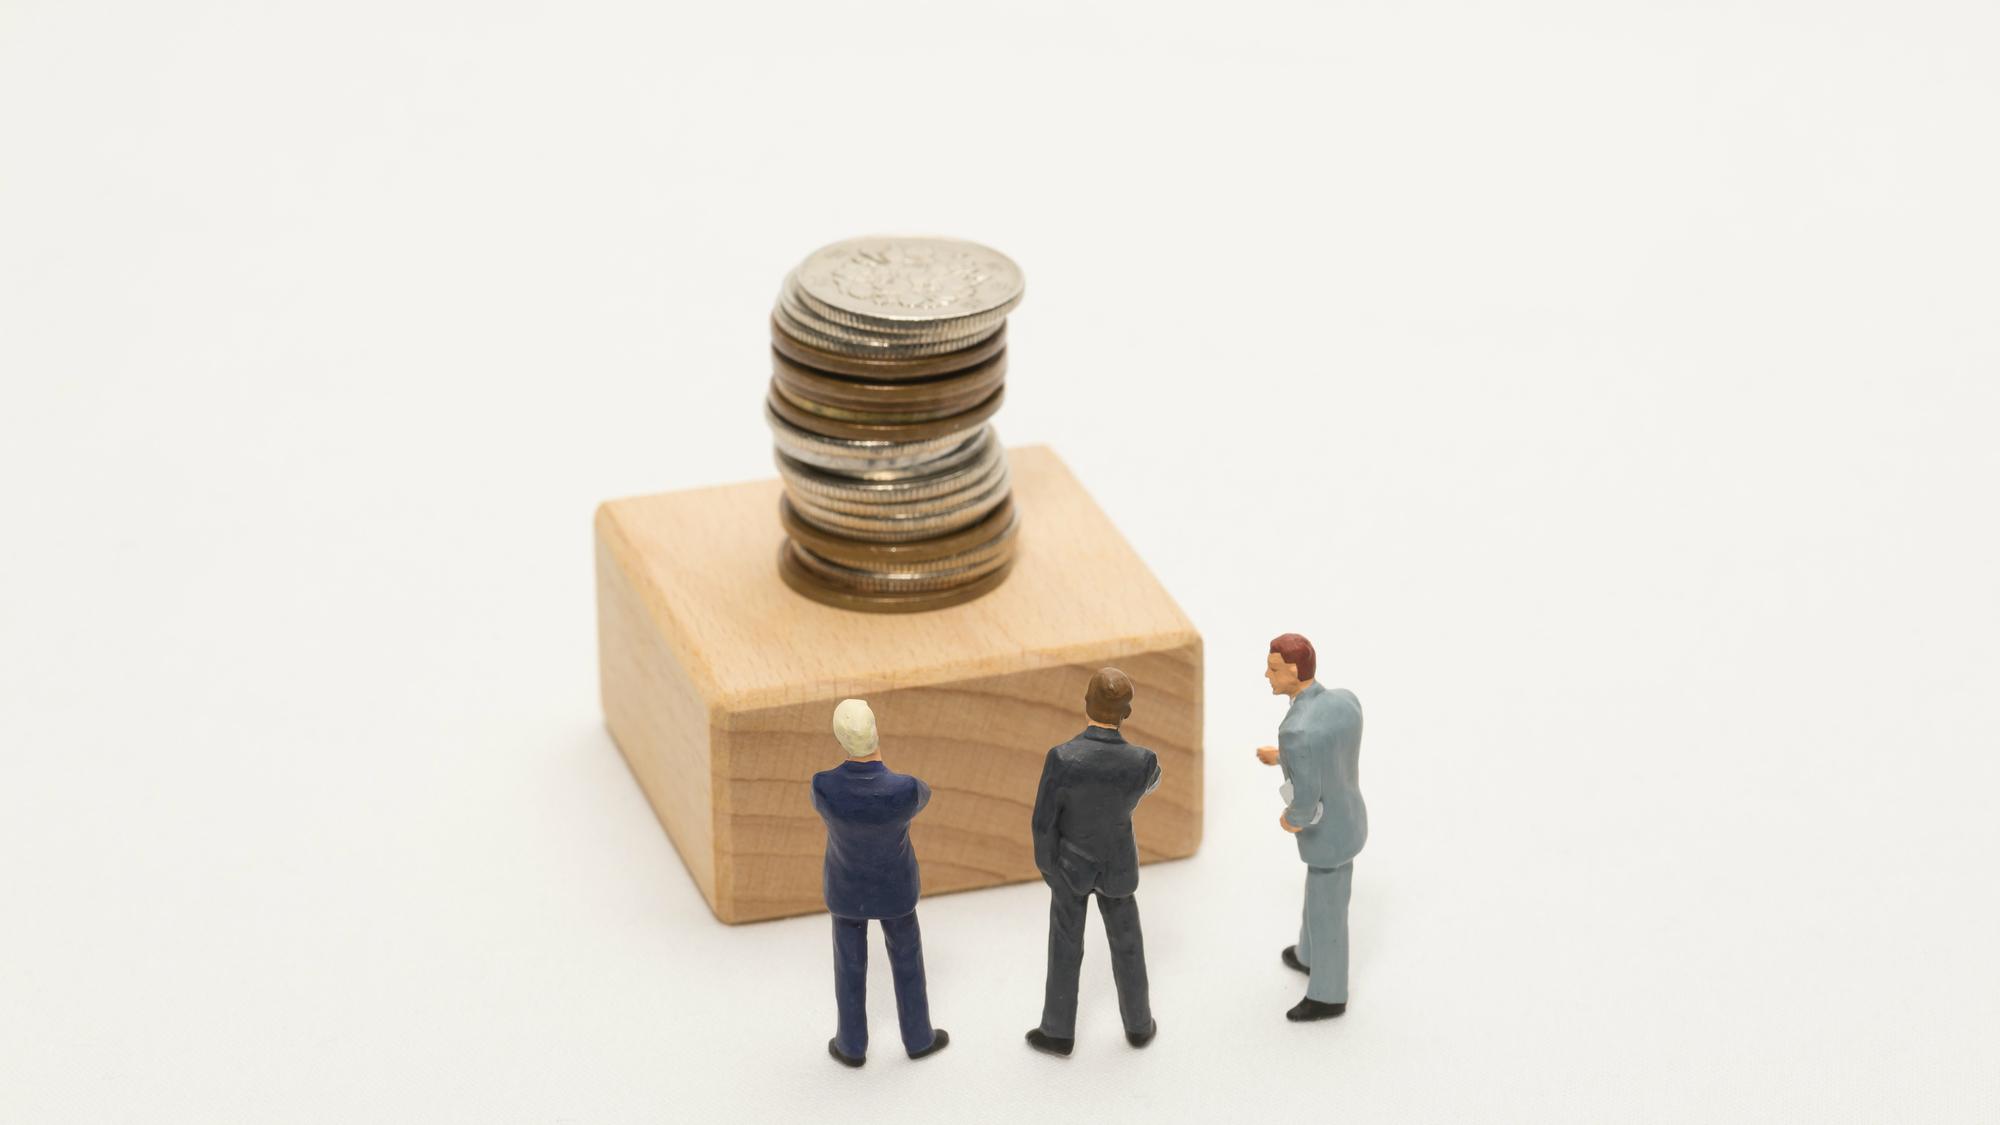 不動産関連協会の会費・・・賃貸経営の「必要経費」になるか?